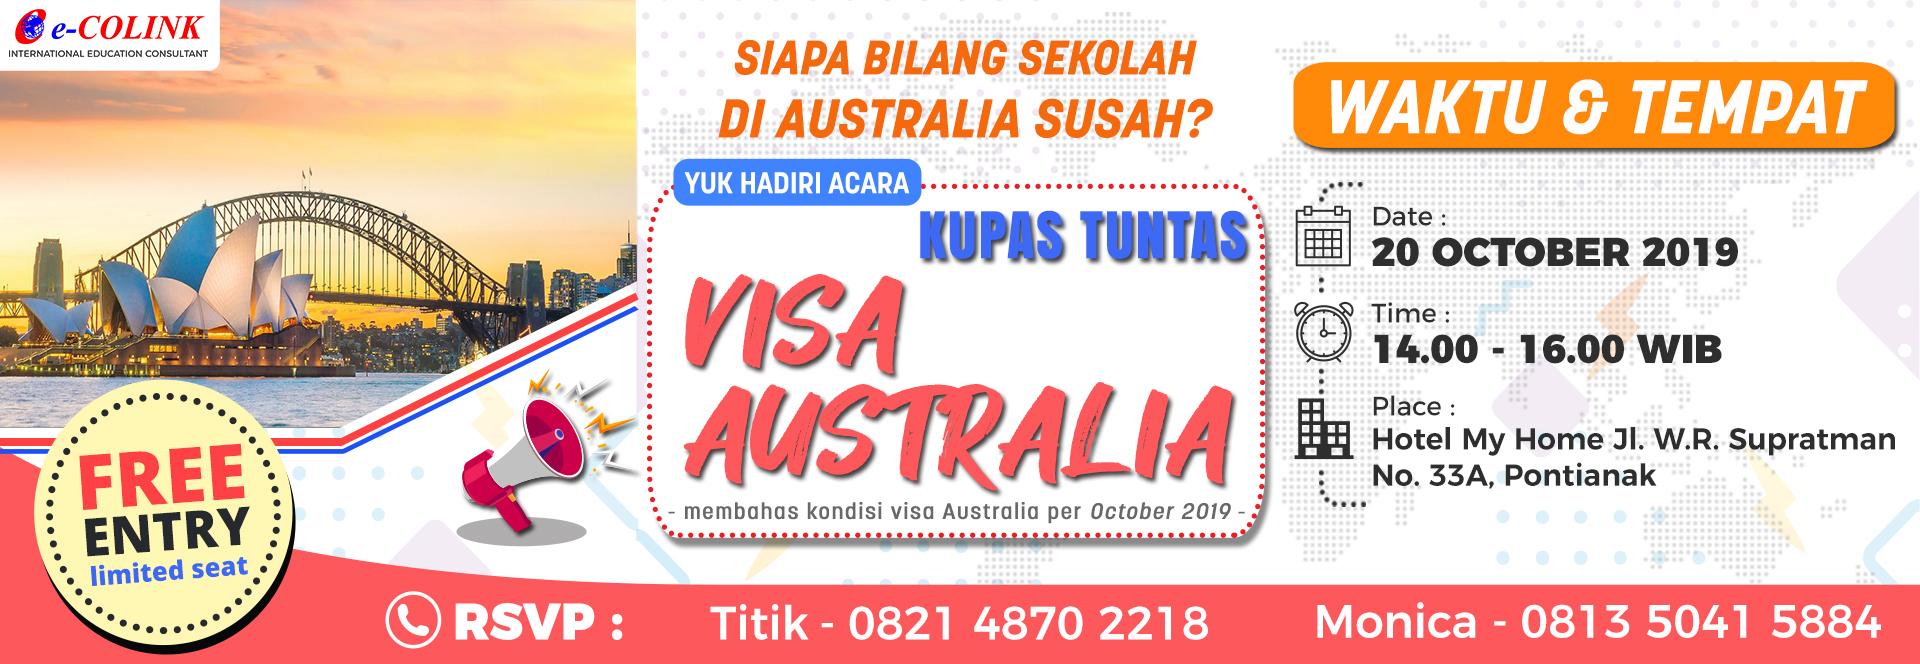 Yuk Hadir di Acara Kupas Tuntas Visa Australia